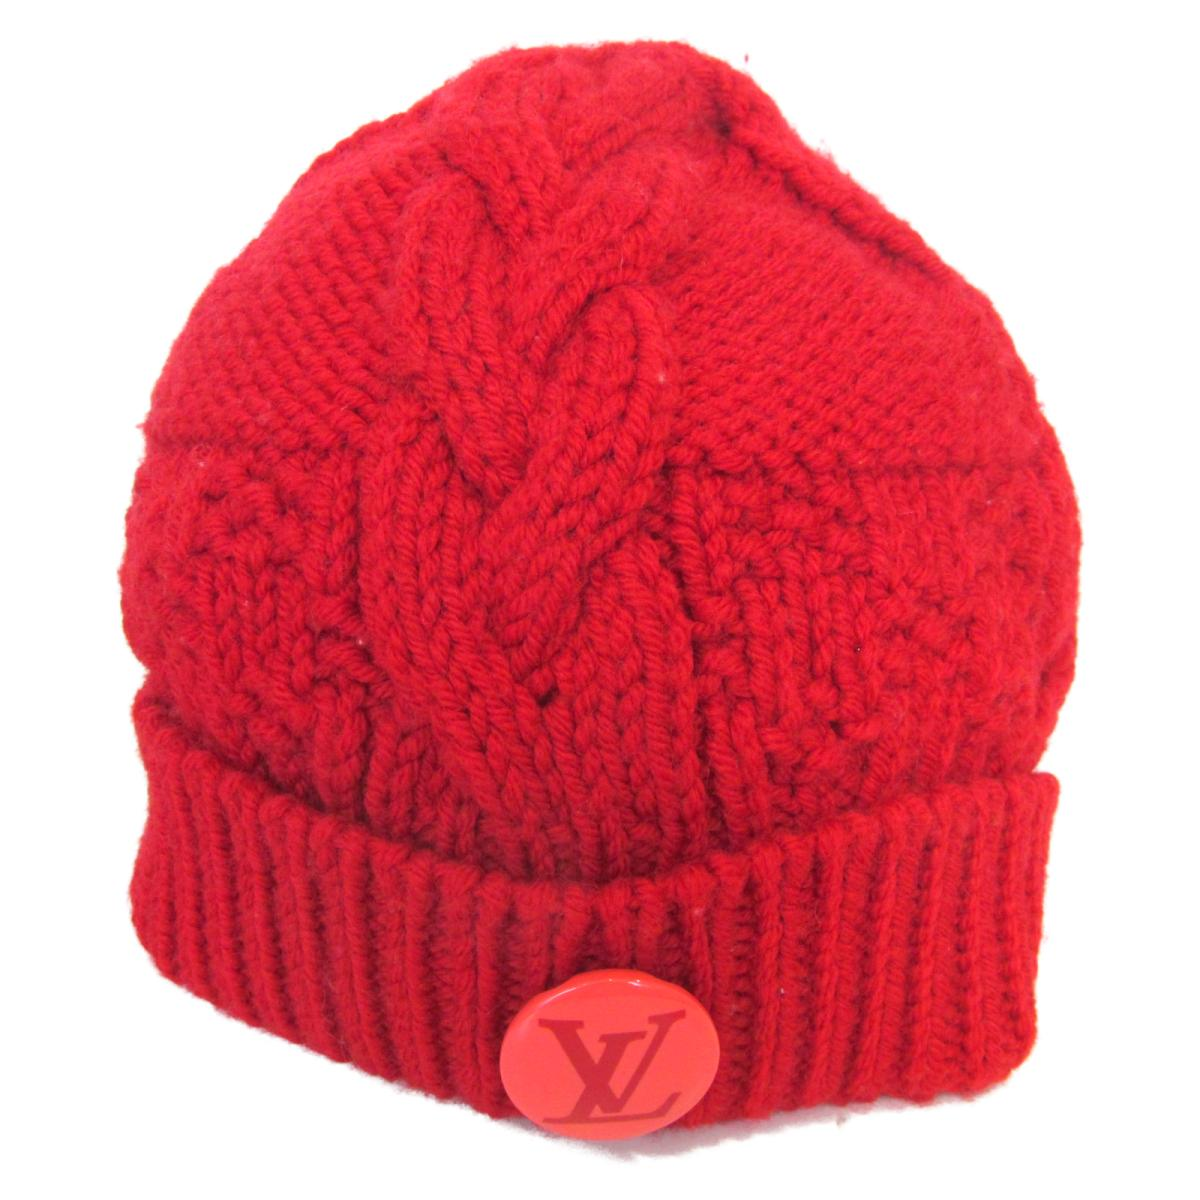 LOUIS VUITTON 安い 激安 プチプラ 高品質 ニット帽 衣料品 ランクA 送料無料 ブランドオフ 誕生日 プレゼント ギフト ウール 最大3万円OFFクーポン ルイヴィトン 全店販売中 レッド レディース 8 中古 15から ポイント5倍 なくなり次第終了